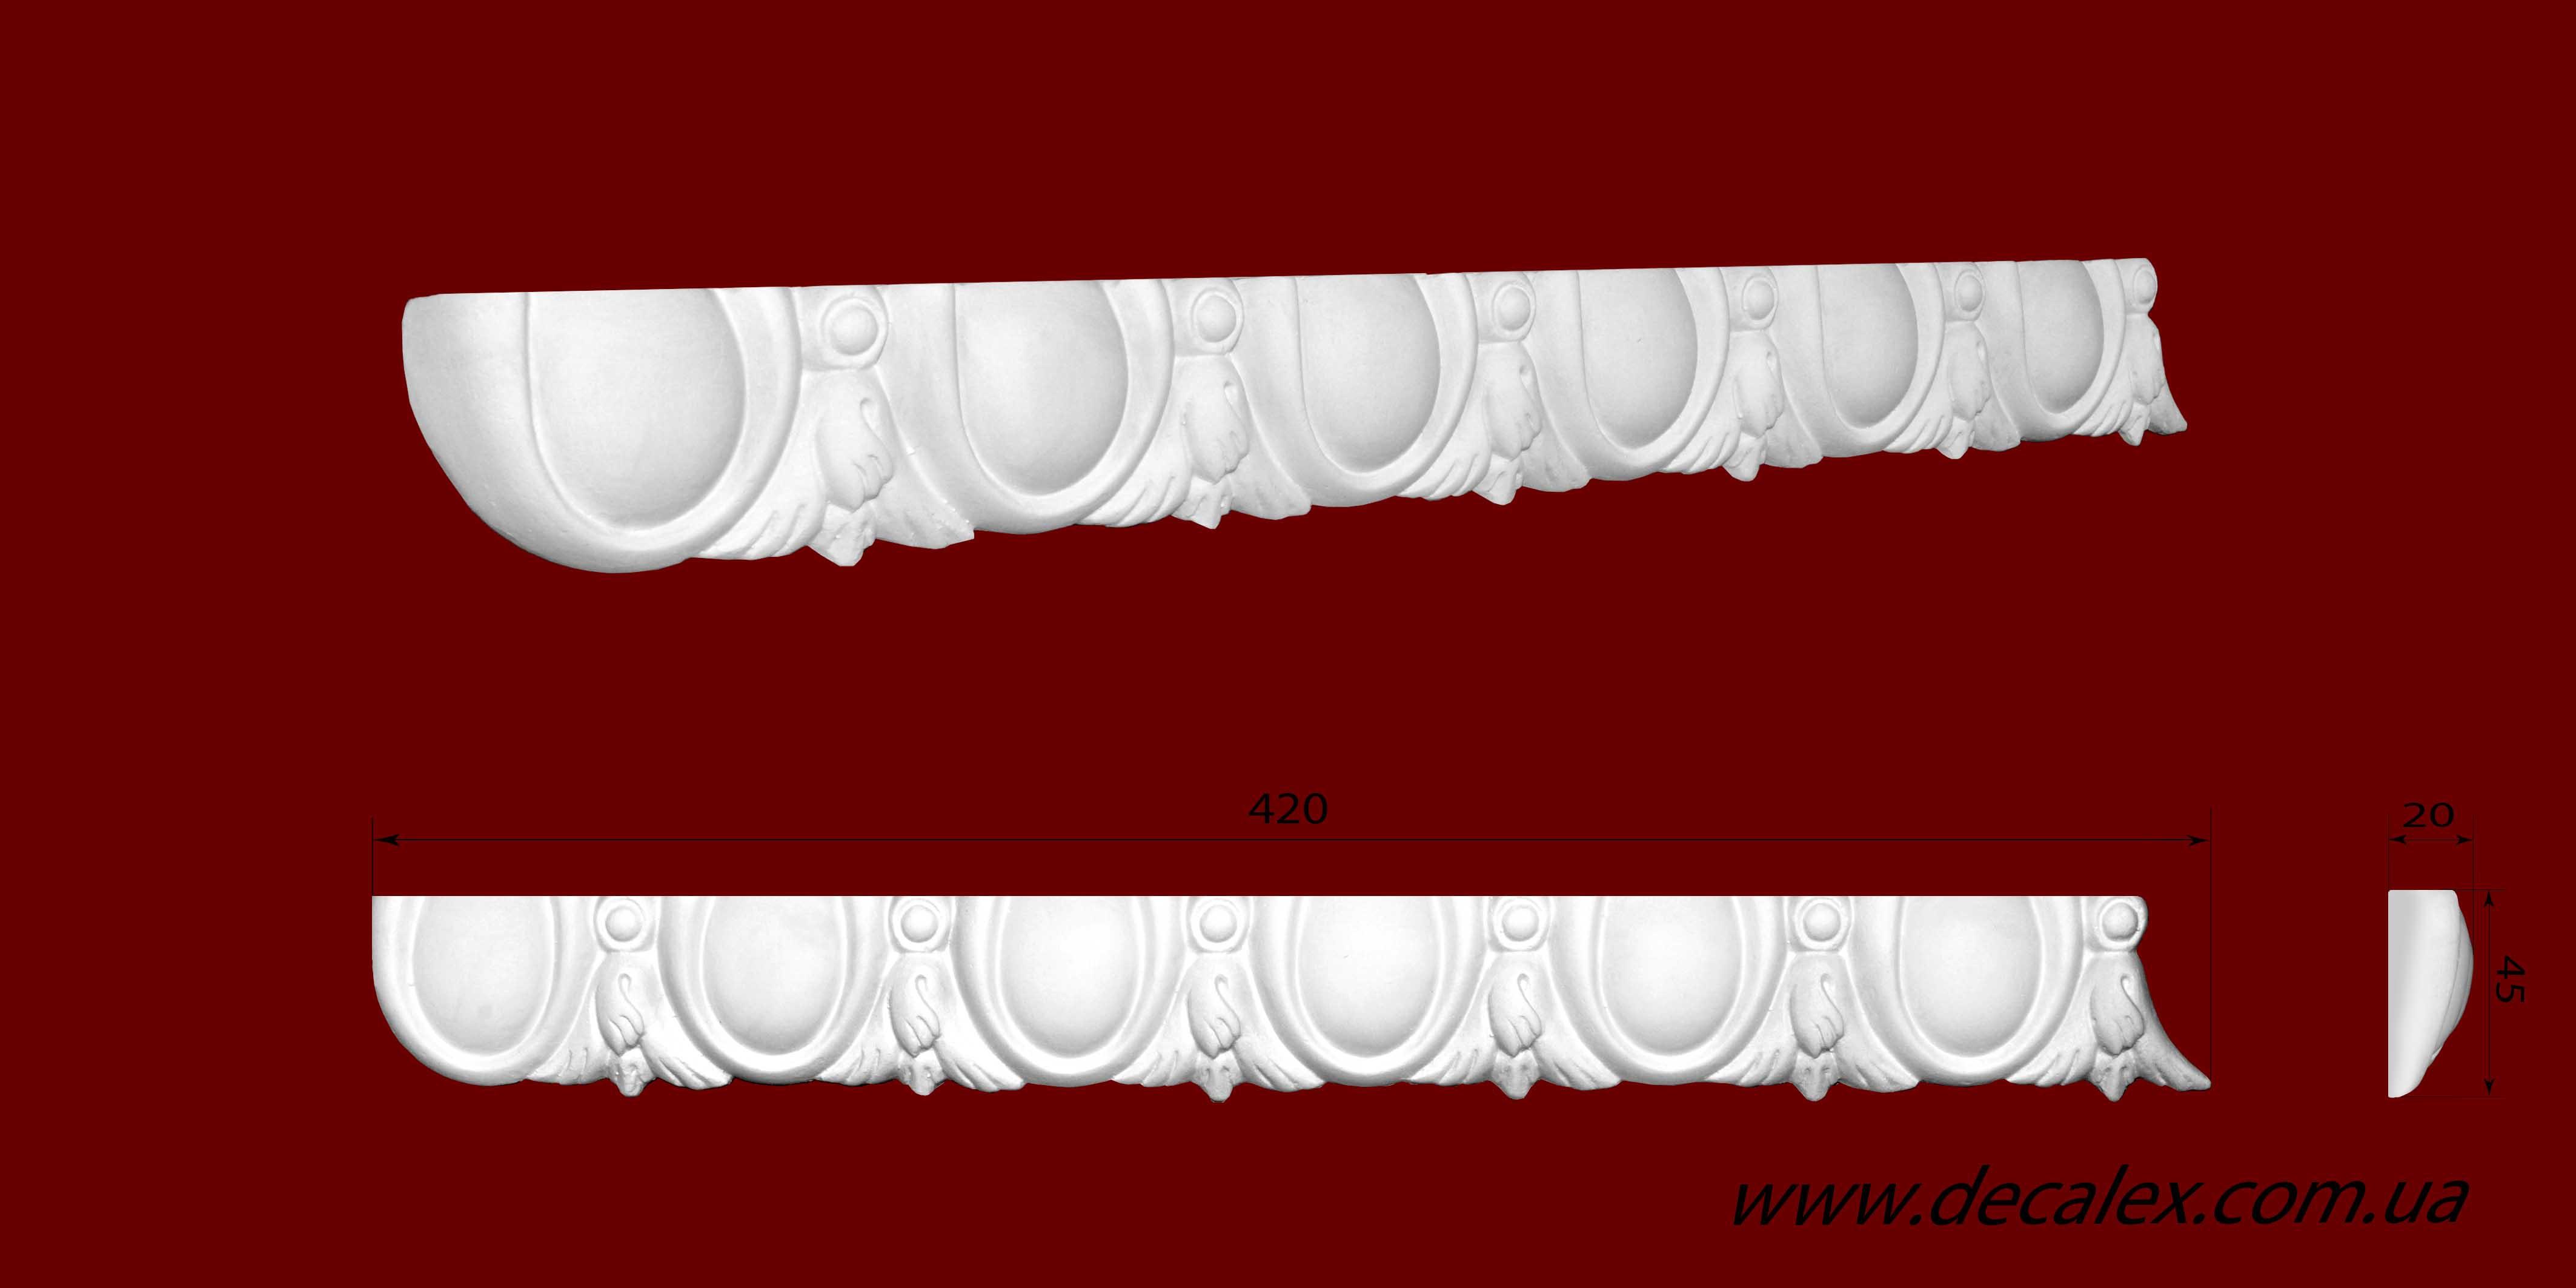 Код товара МP04501. Молдинг из гипса шириной 45 мм и длиной 420 мм. Розничная цена 35 грн./шт.